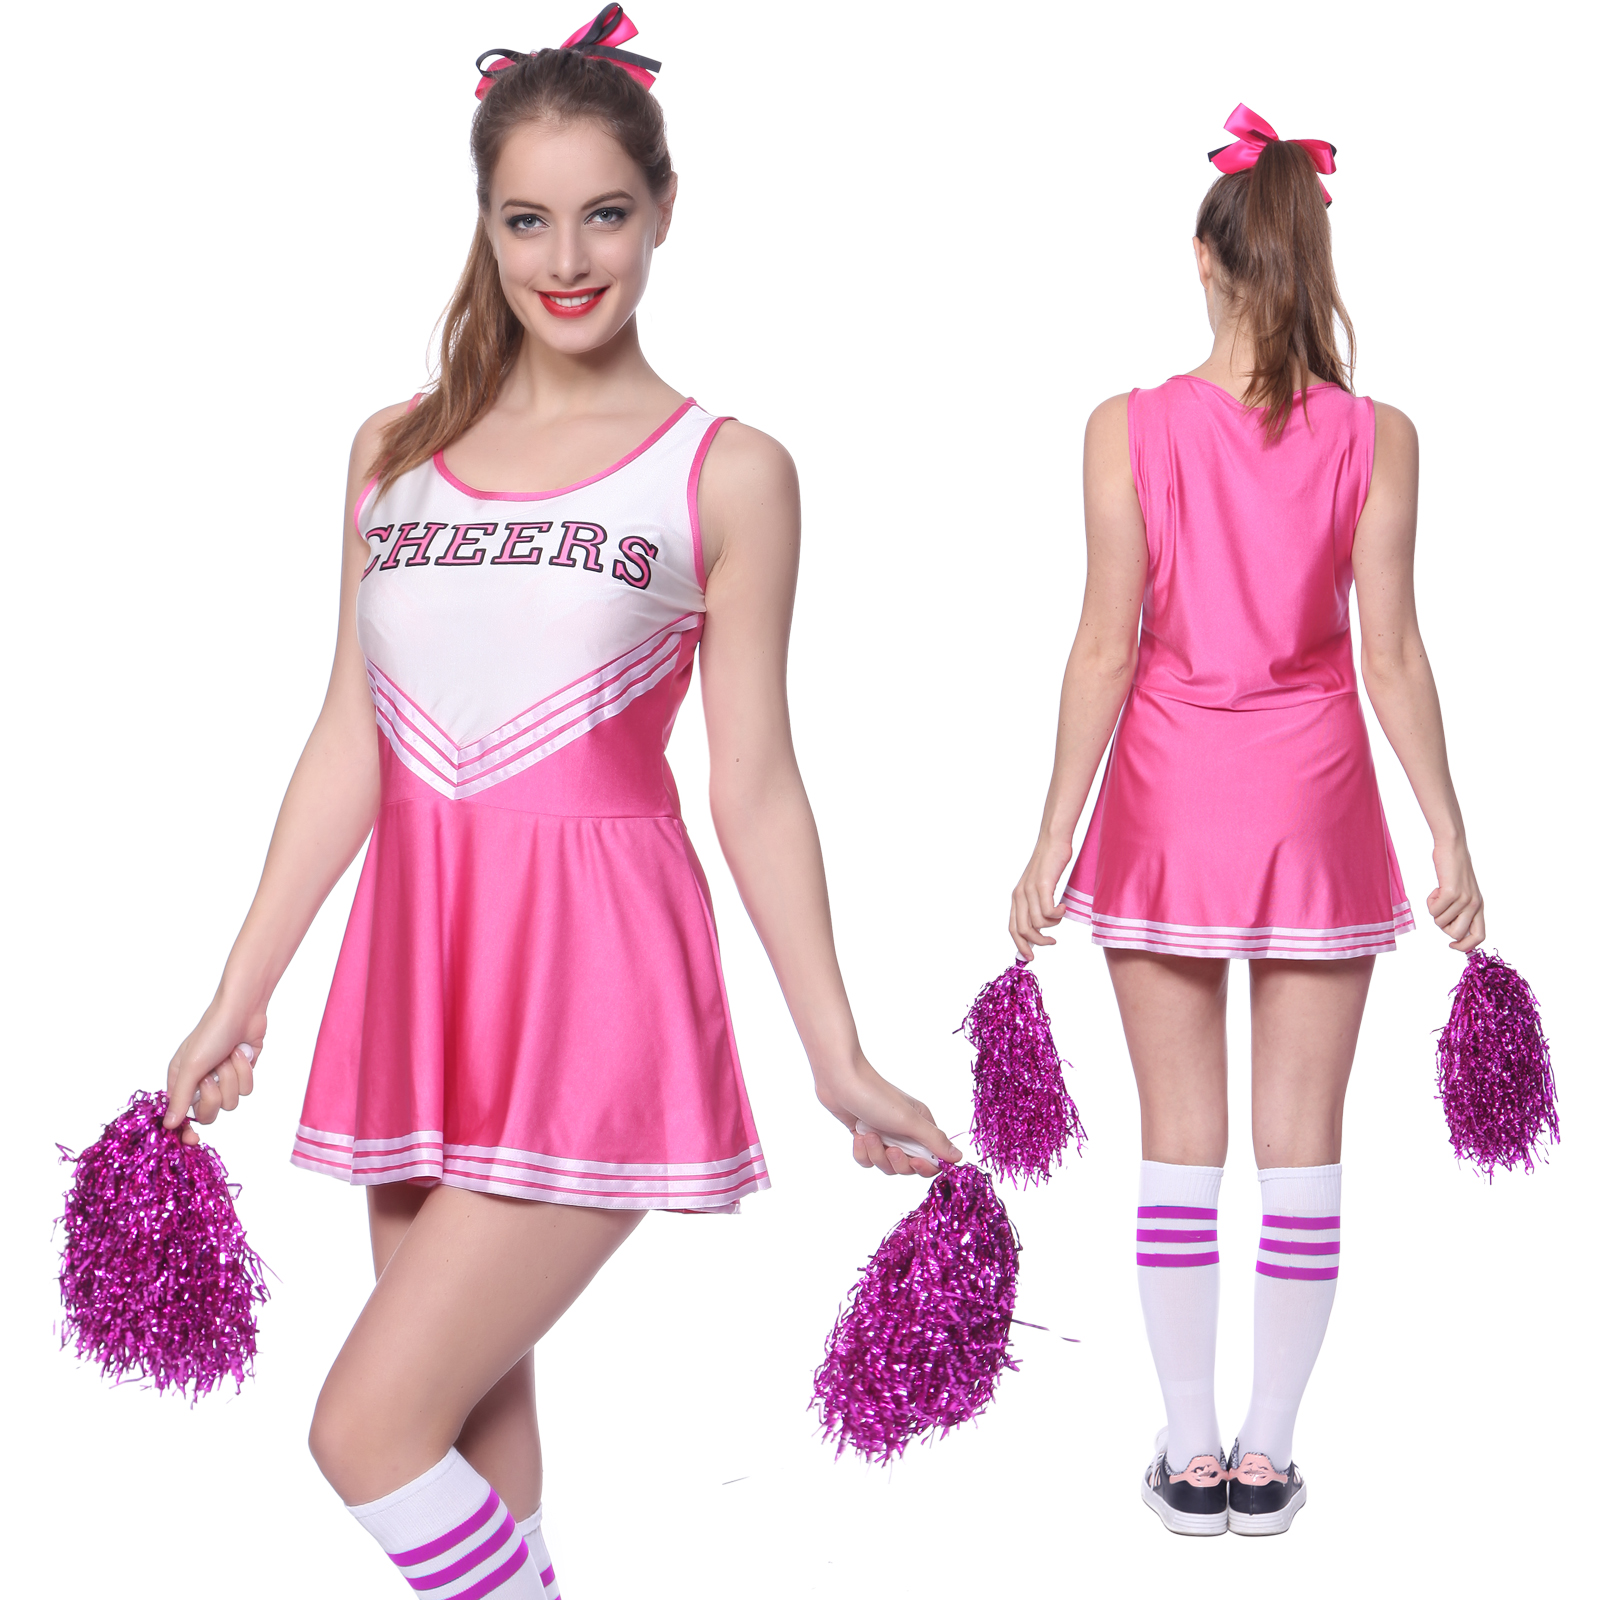 Cheerleader Fancy Dress High School Girls Sports Outfit Uniform